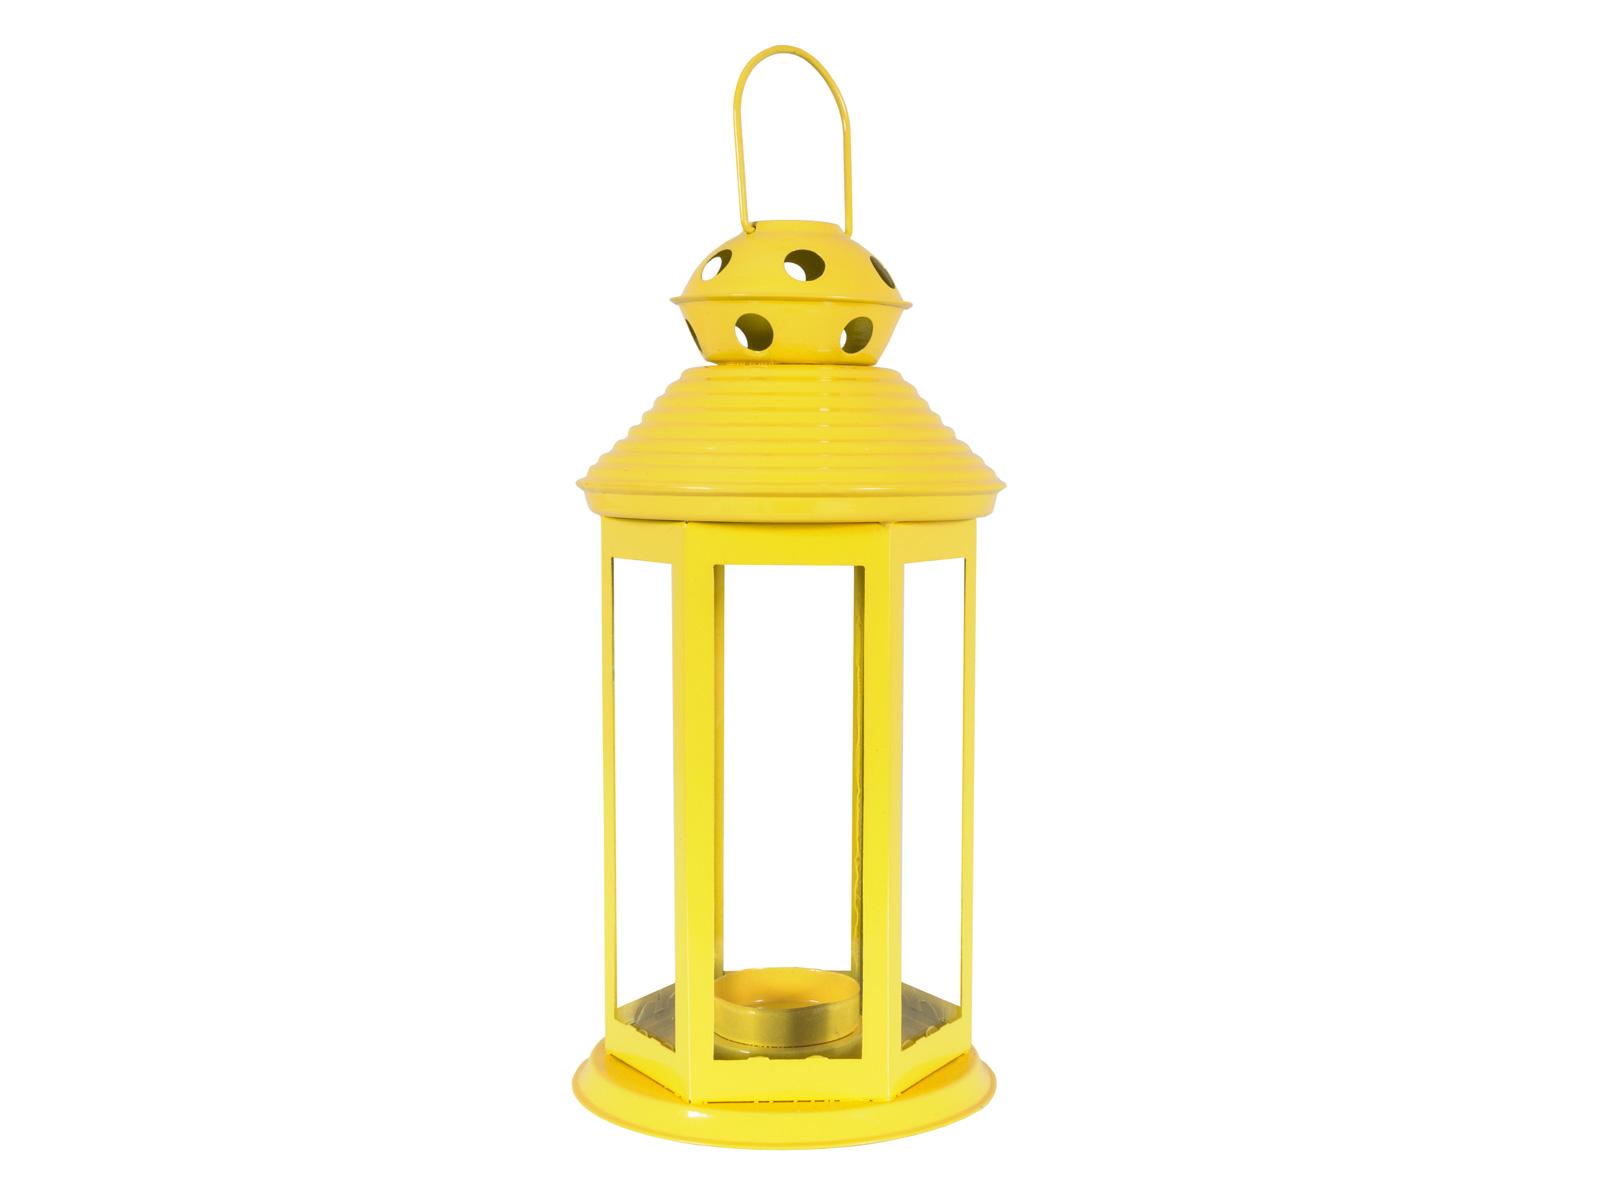 Фонарь LanternСвечи и подсвечники<br>Декоративный фонарь для формовой свечи<br>